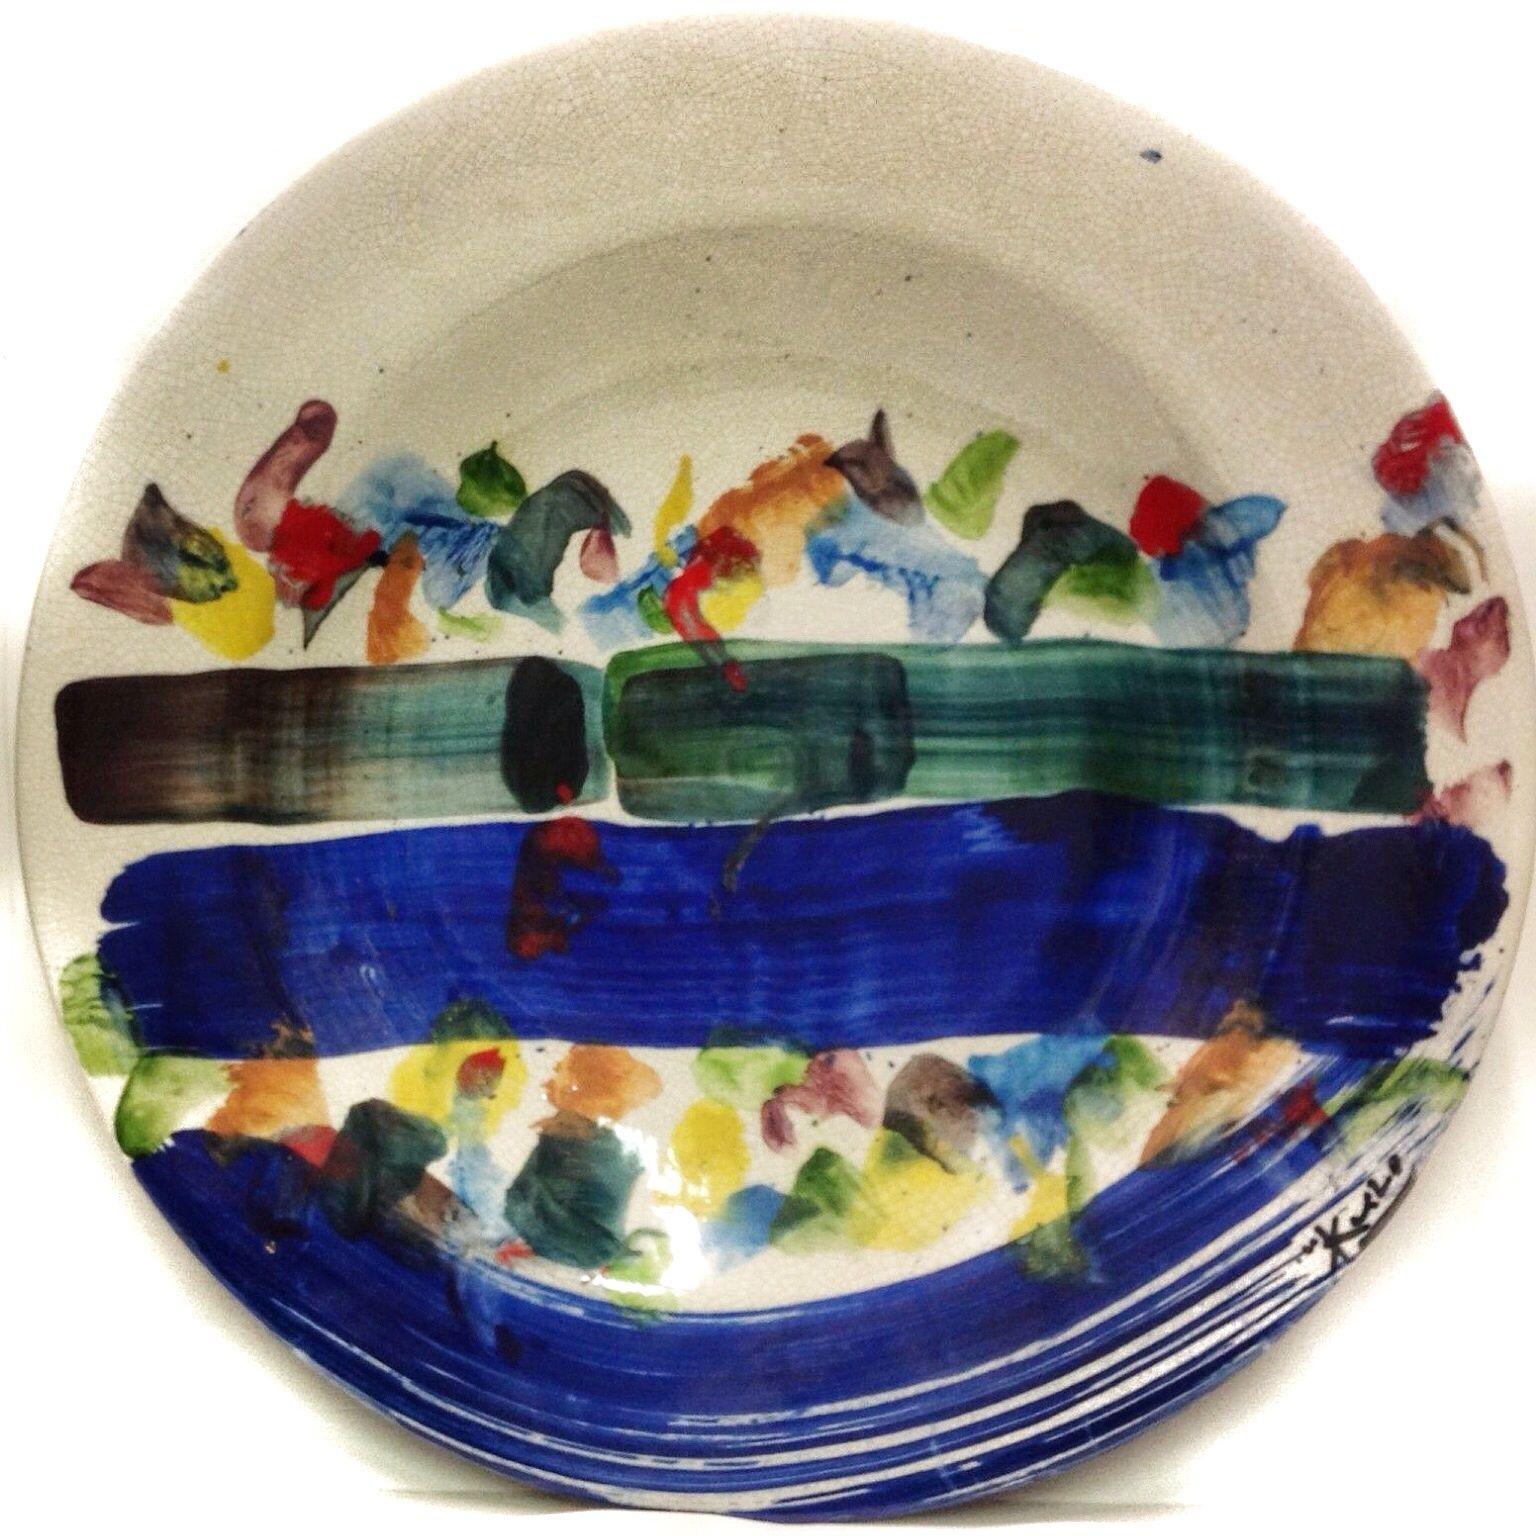 MORISHITA KEIZO (1944-2003) DIPINTO SU PIATTO IN CERAMICA 52cm PEZZO UNICO ☲☲☲☲☲☲☲☲☲☲☲☲☲☲☲☲☲☲☲☲ PAINTING ON CERAMIC PLATE (unique piece)